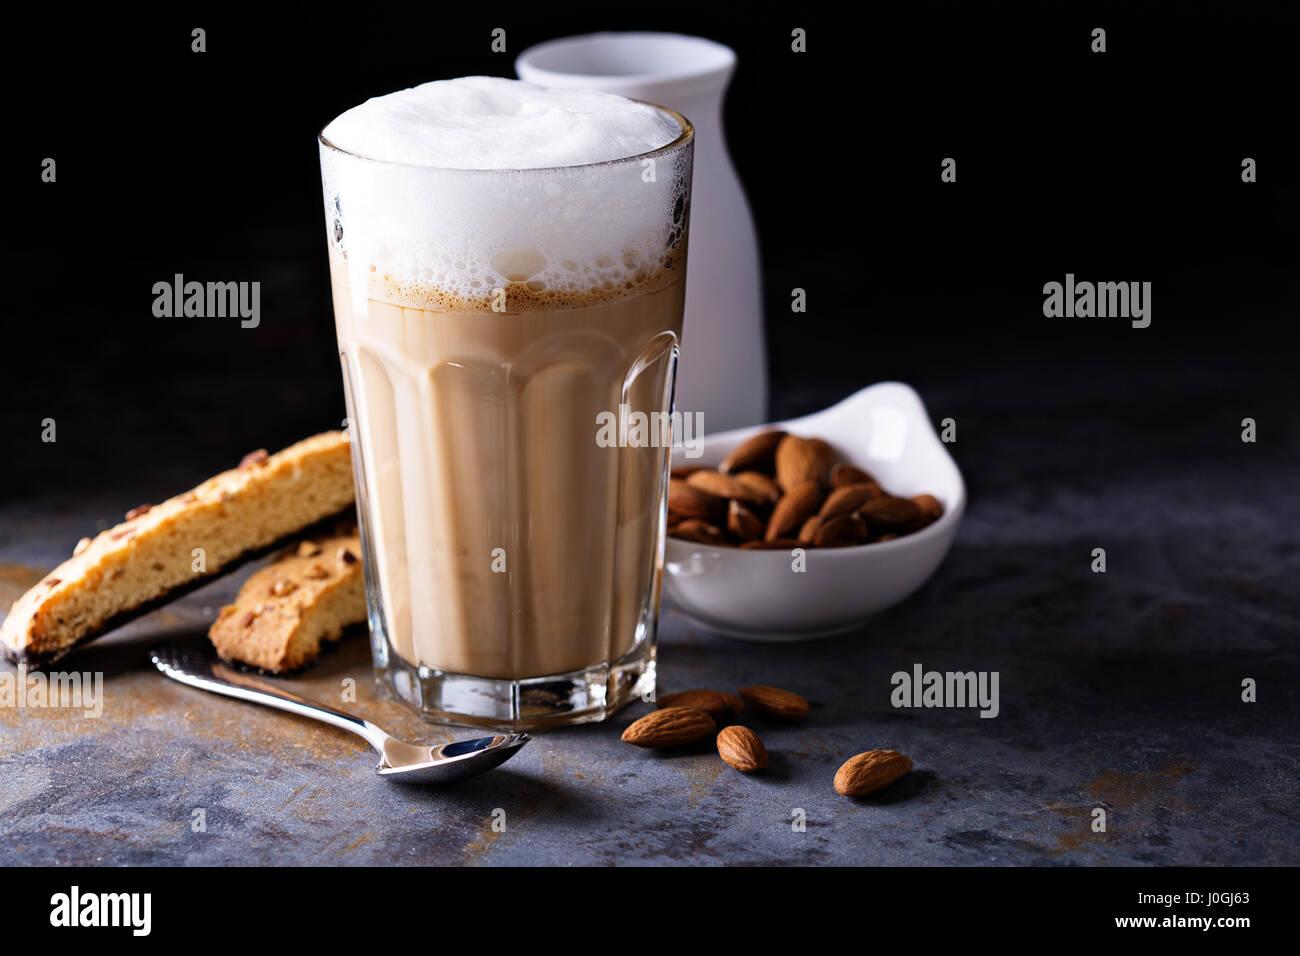 Café latte con leche de almendras Imagen De Stock